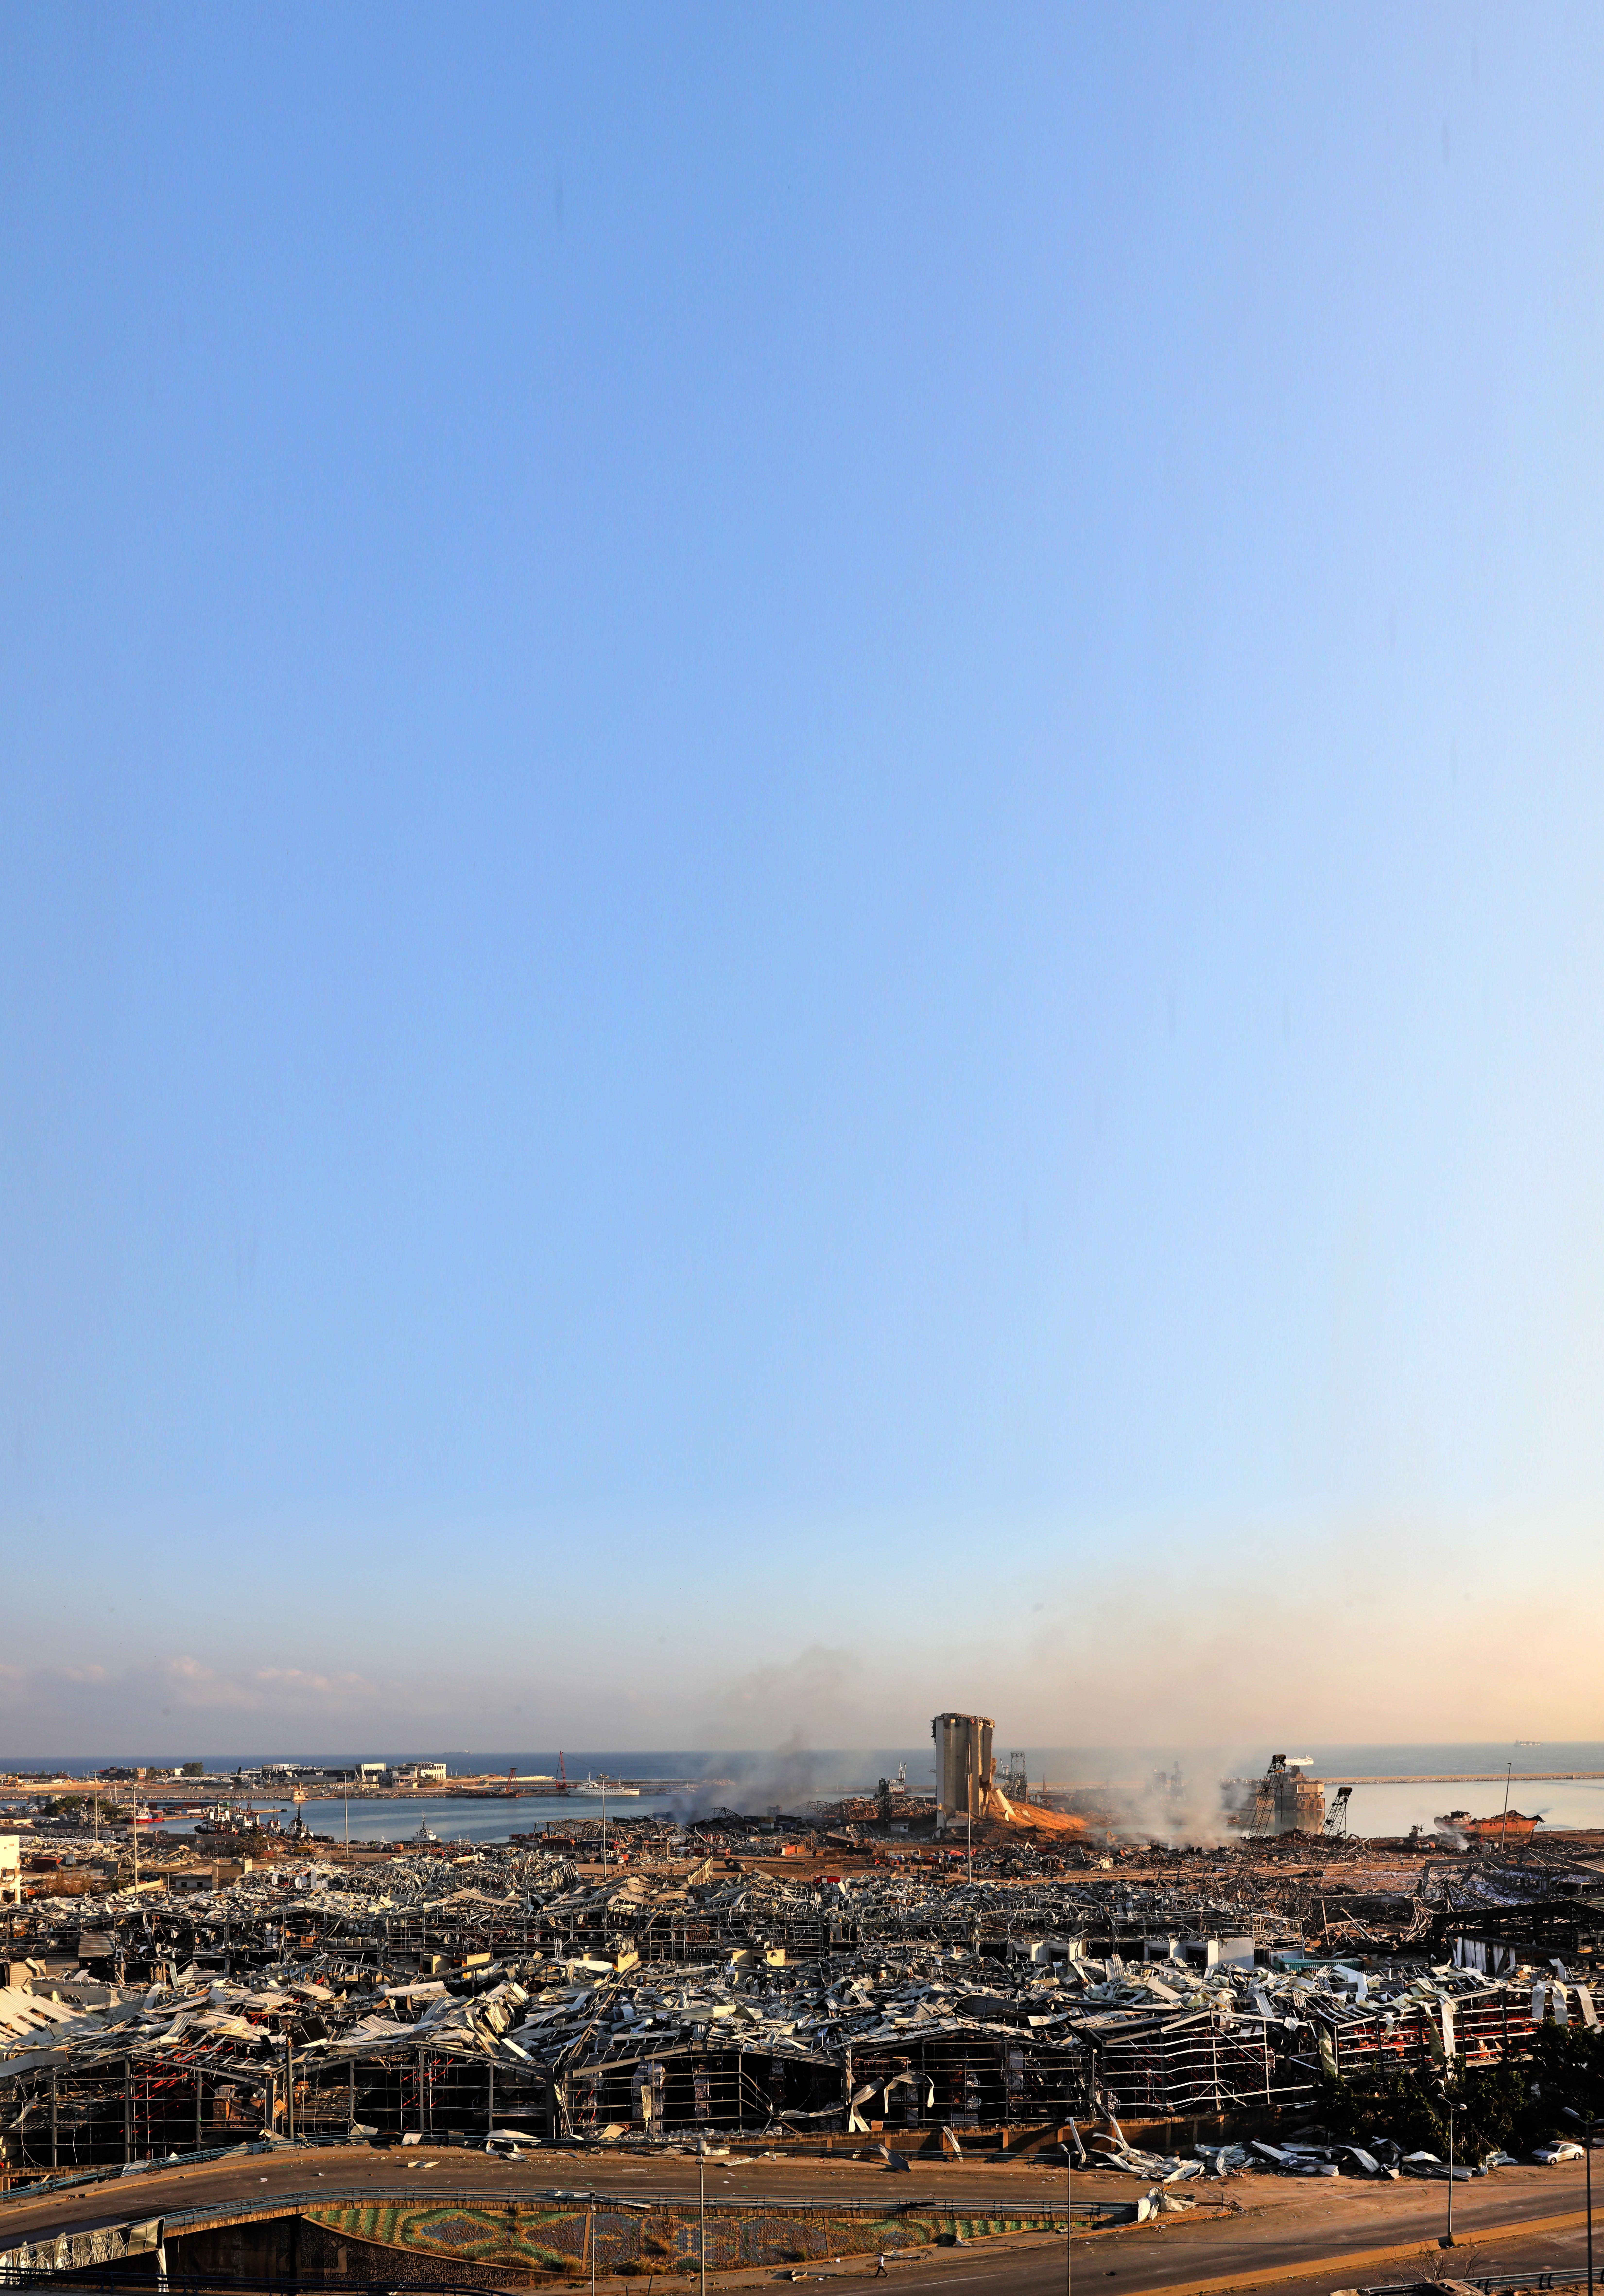 Beiroet zat jaren op een tijdbom: 'Vuurwerk én ammoniumnitraat op dezelfde plek, verschrikkelijk dom', zegt voormalig werknemer DSM IJmuiden